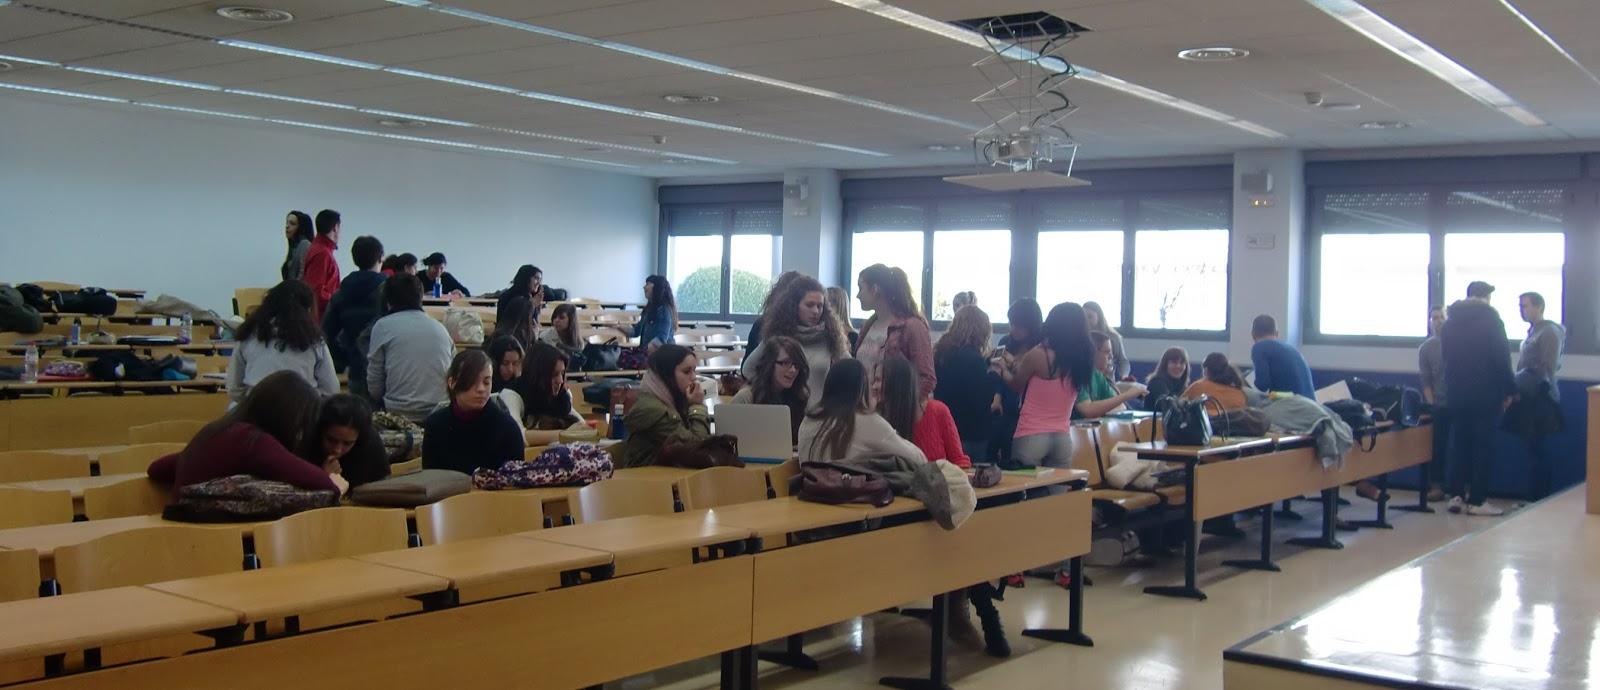 Universidad Del Este >> AulaSurURJC: La huelga de estudiantes tiene un bajo seguimiento en el campus de Fuenlabrada